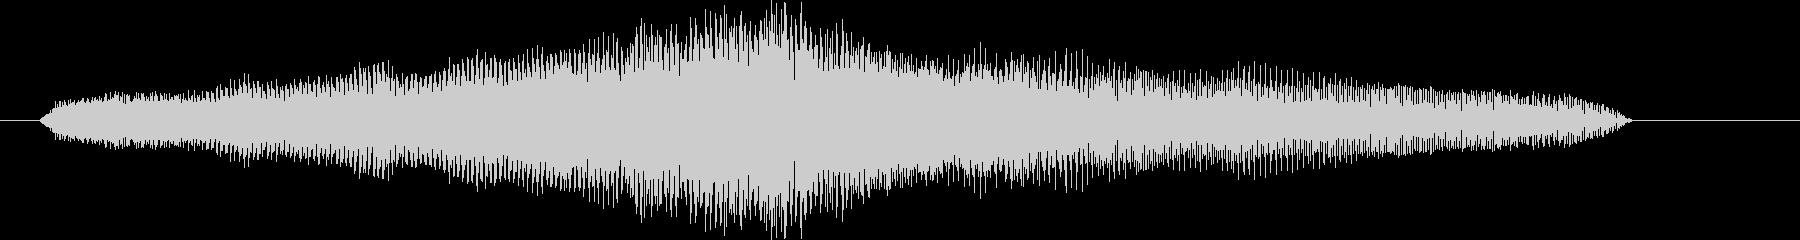 ブルサード:高いブルサードM.H....の未再生の波形